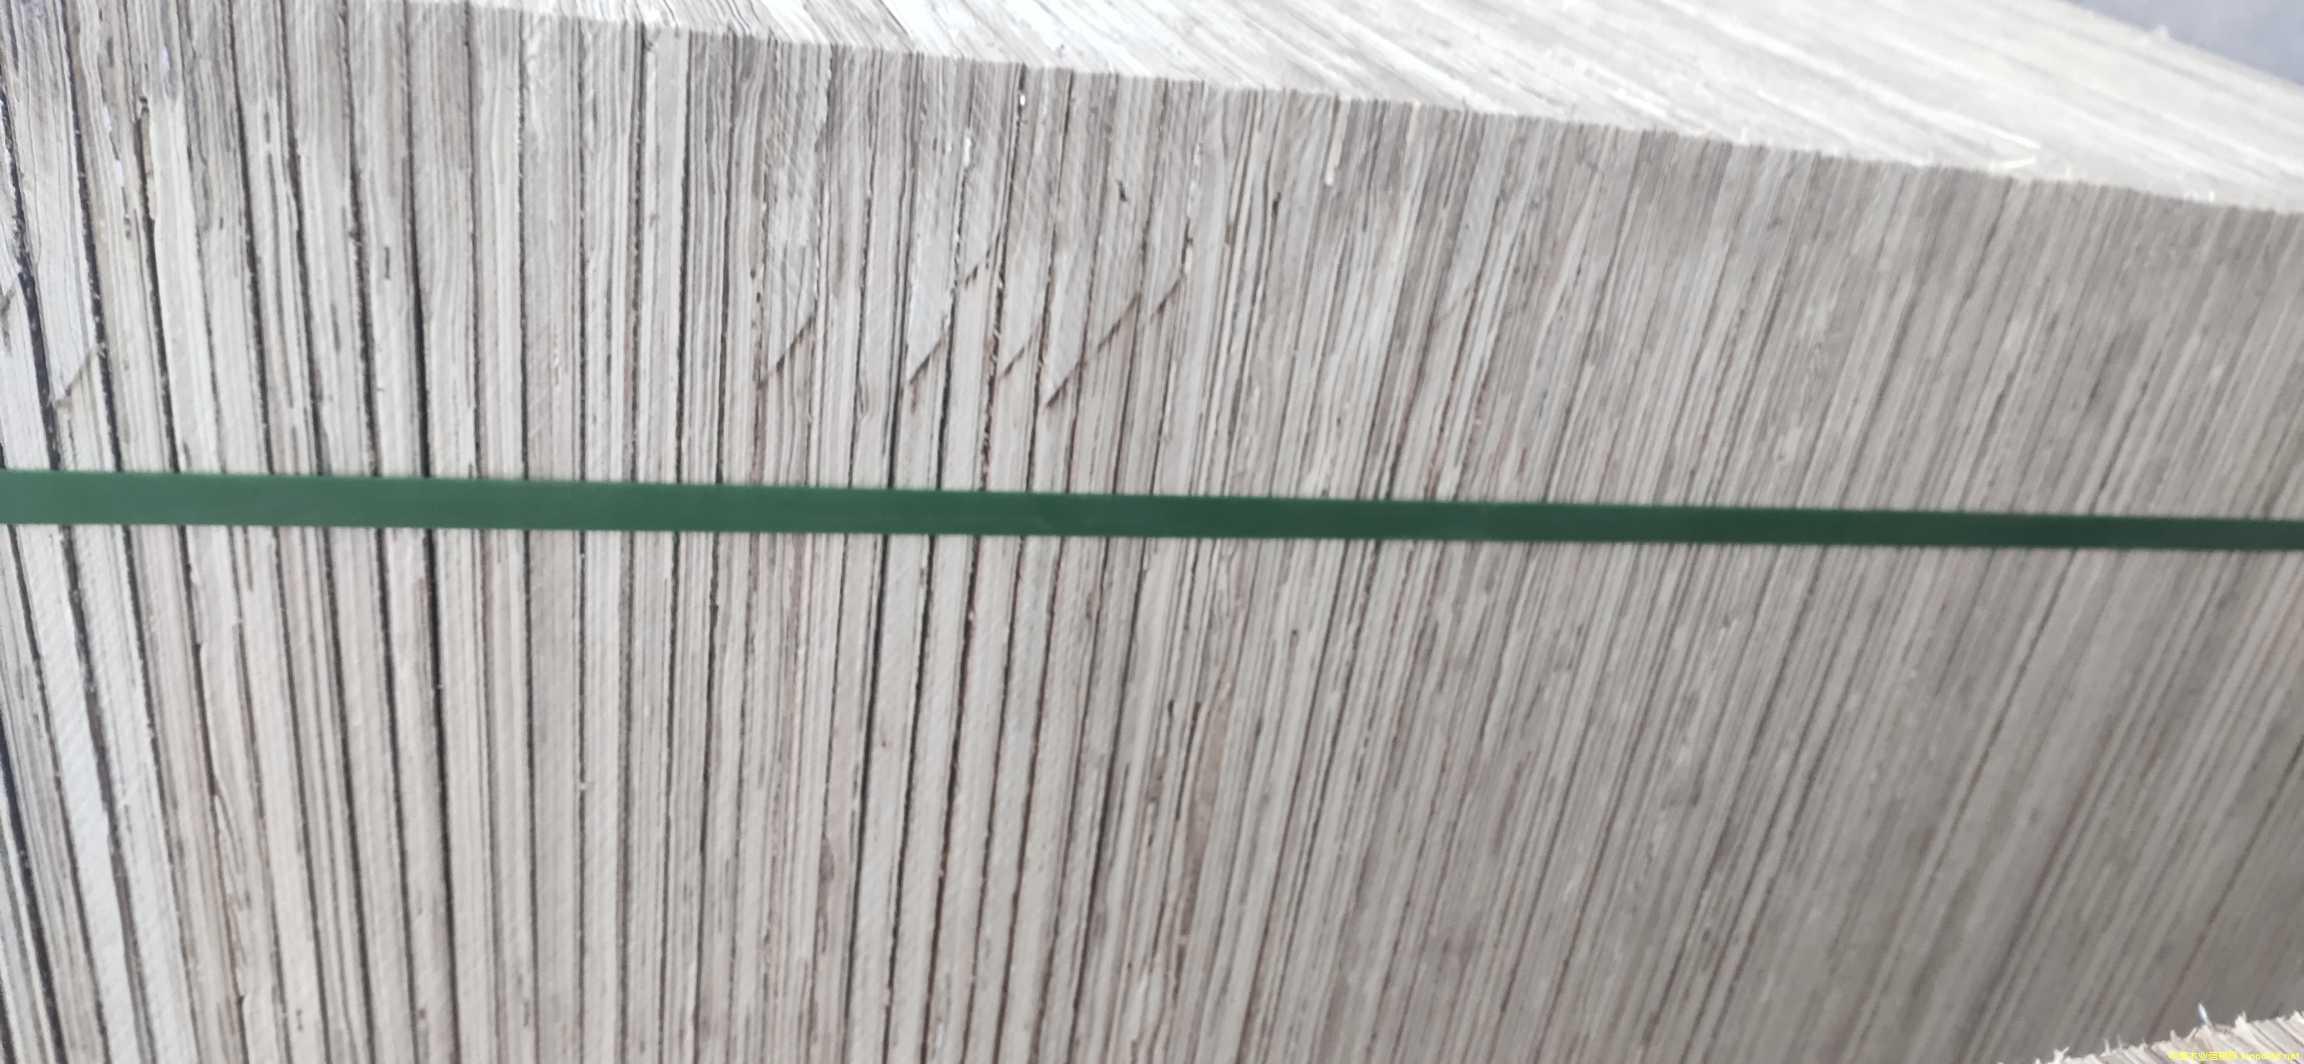 [供] 围框异形板1200✘1000✘15